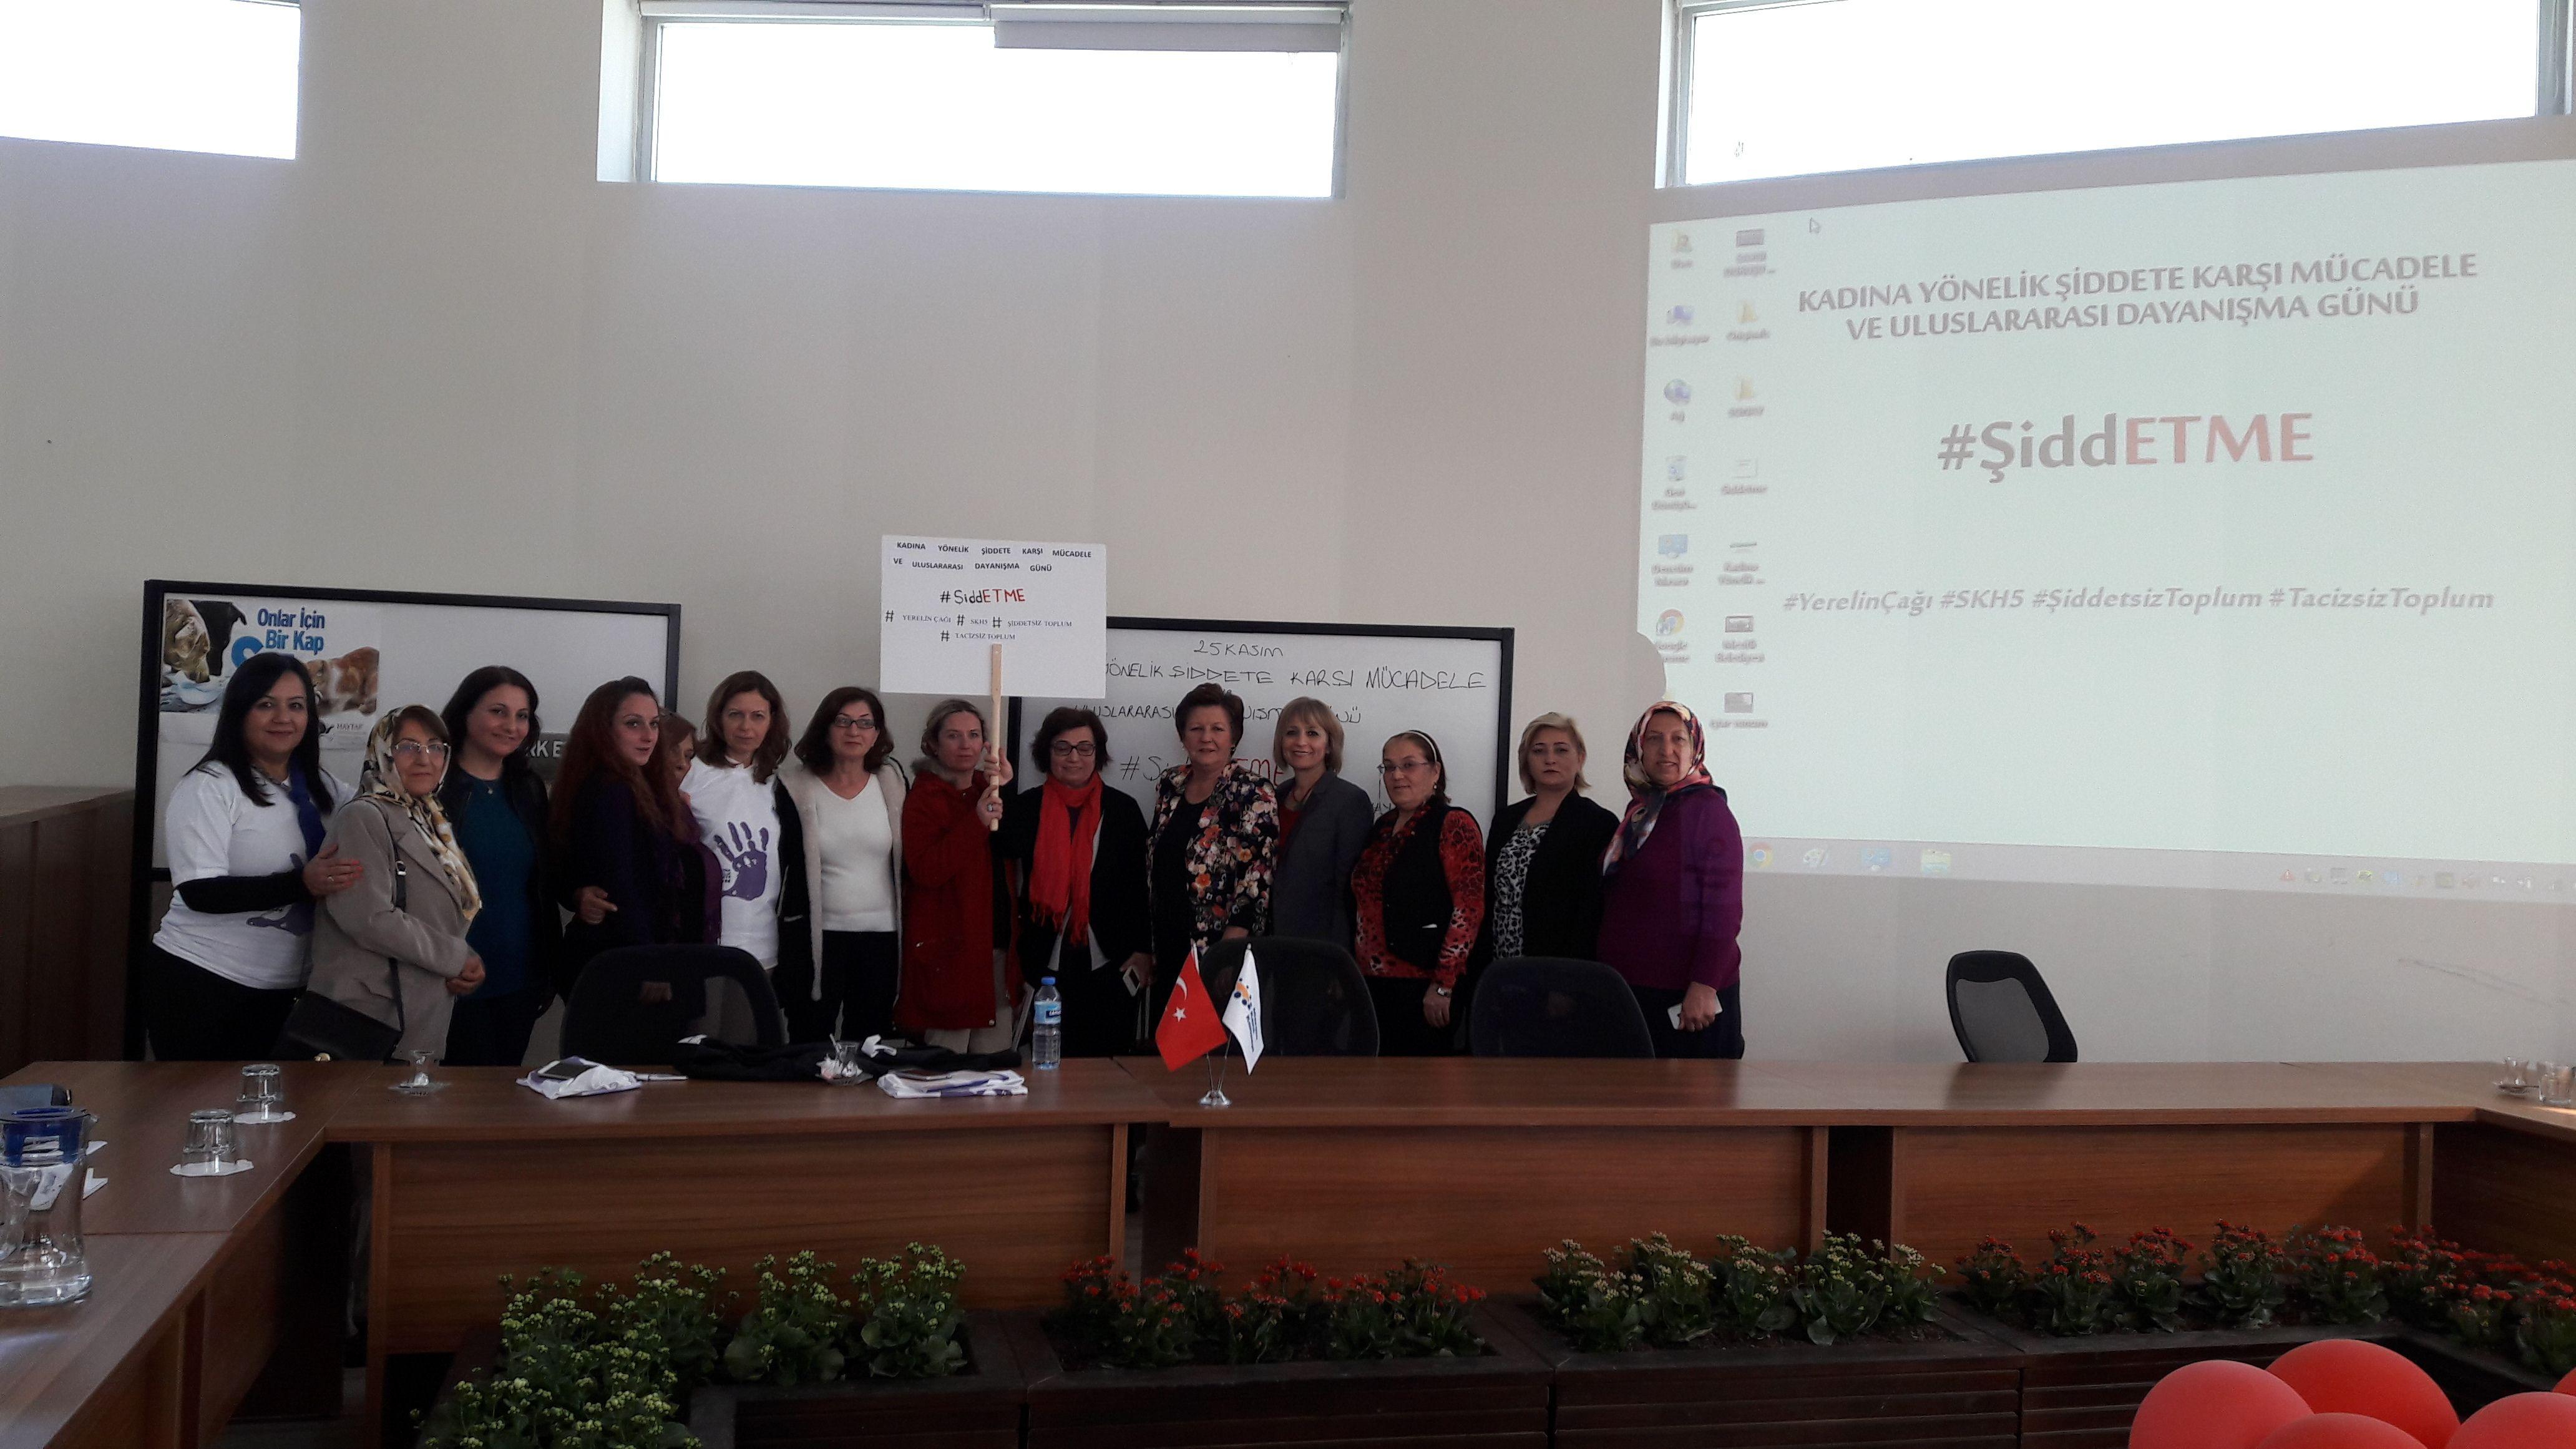 25 Kasım Kadına Yönelik Şiddete Karşı Mücadele ve Uluslararası Dayanışma Günü